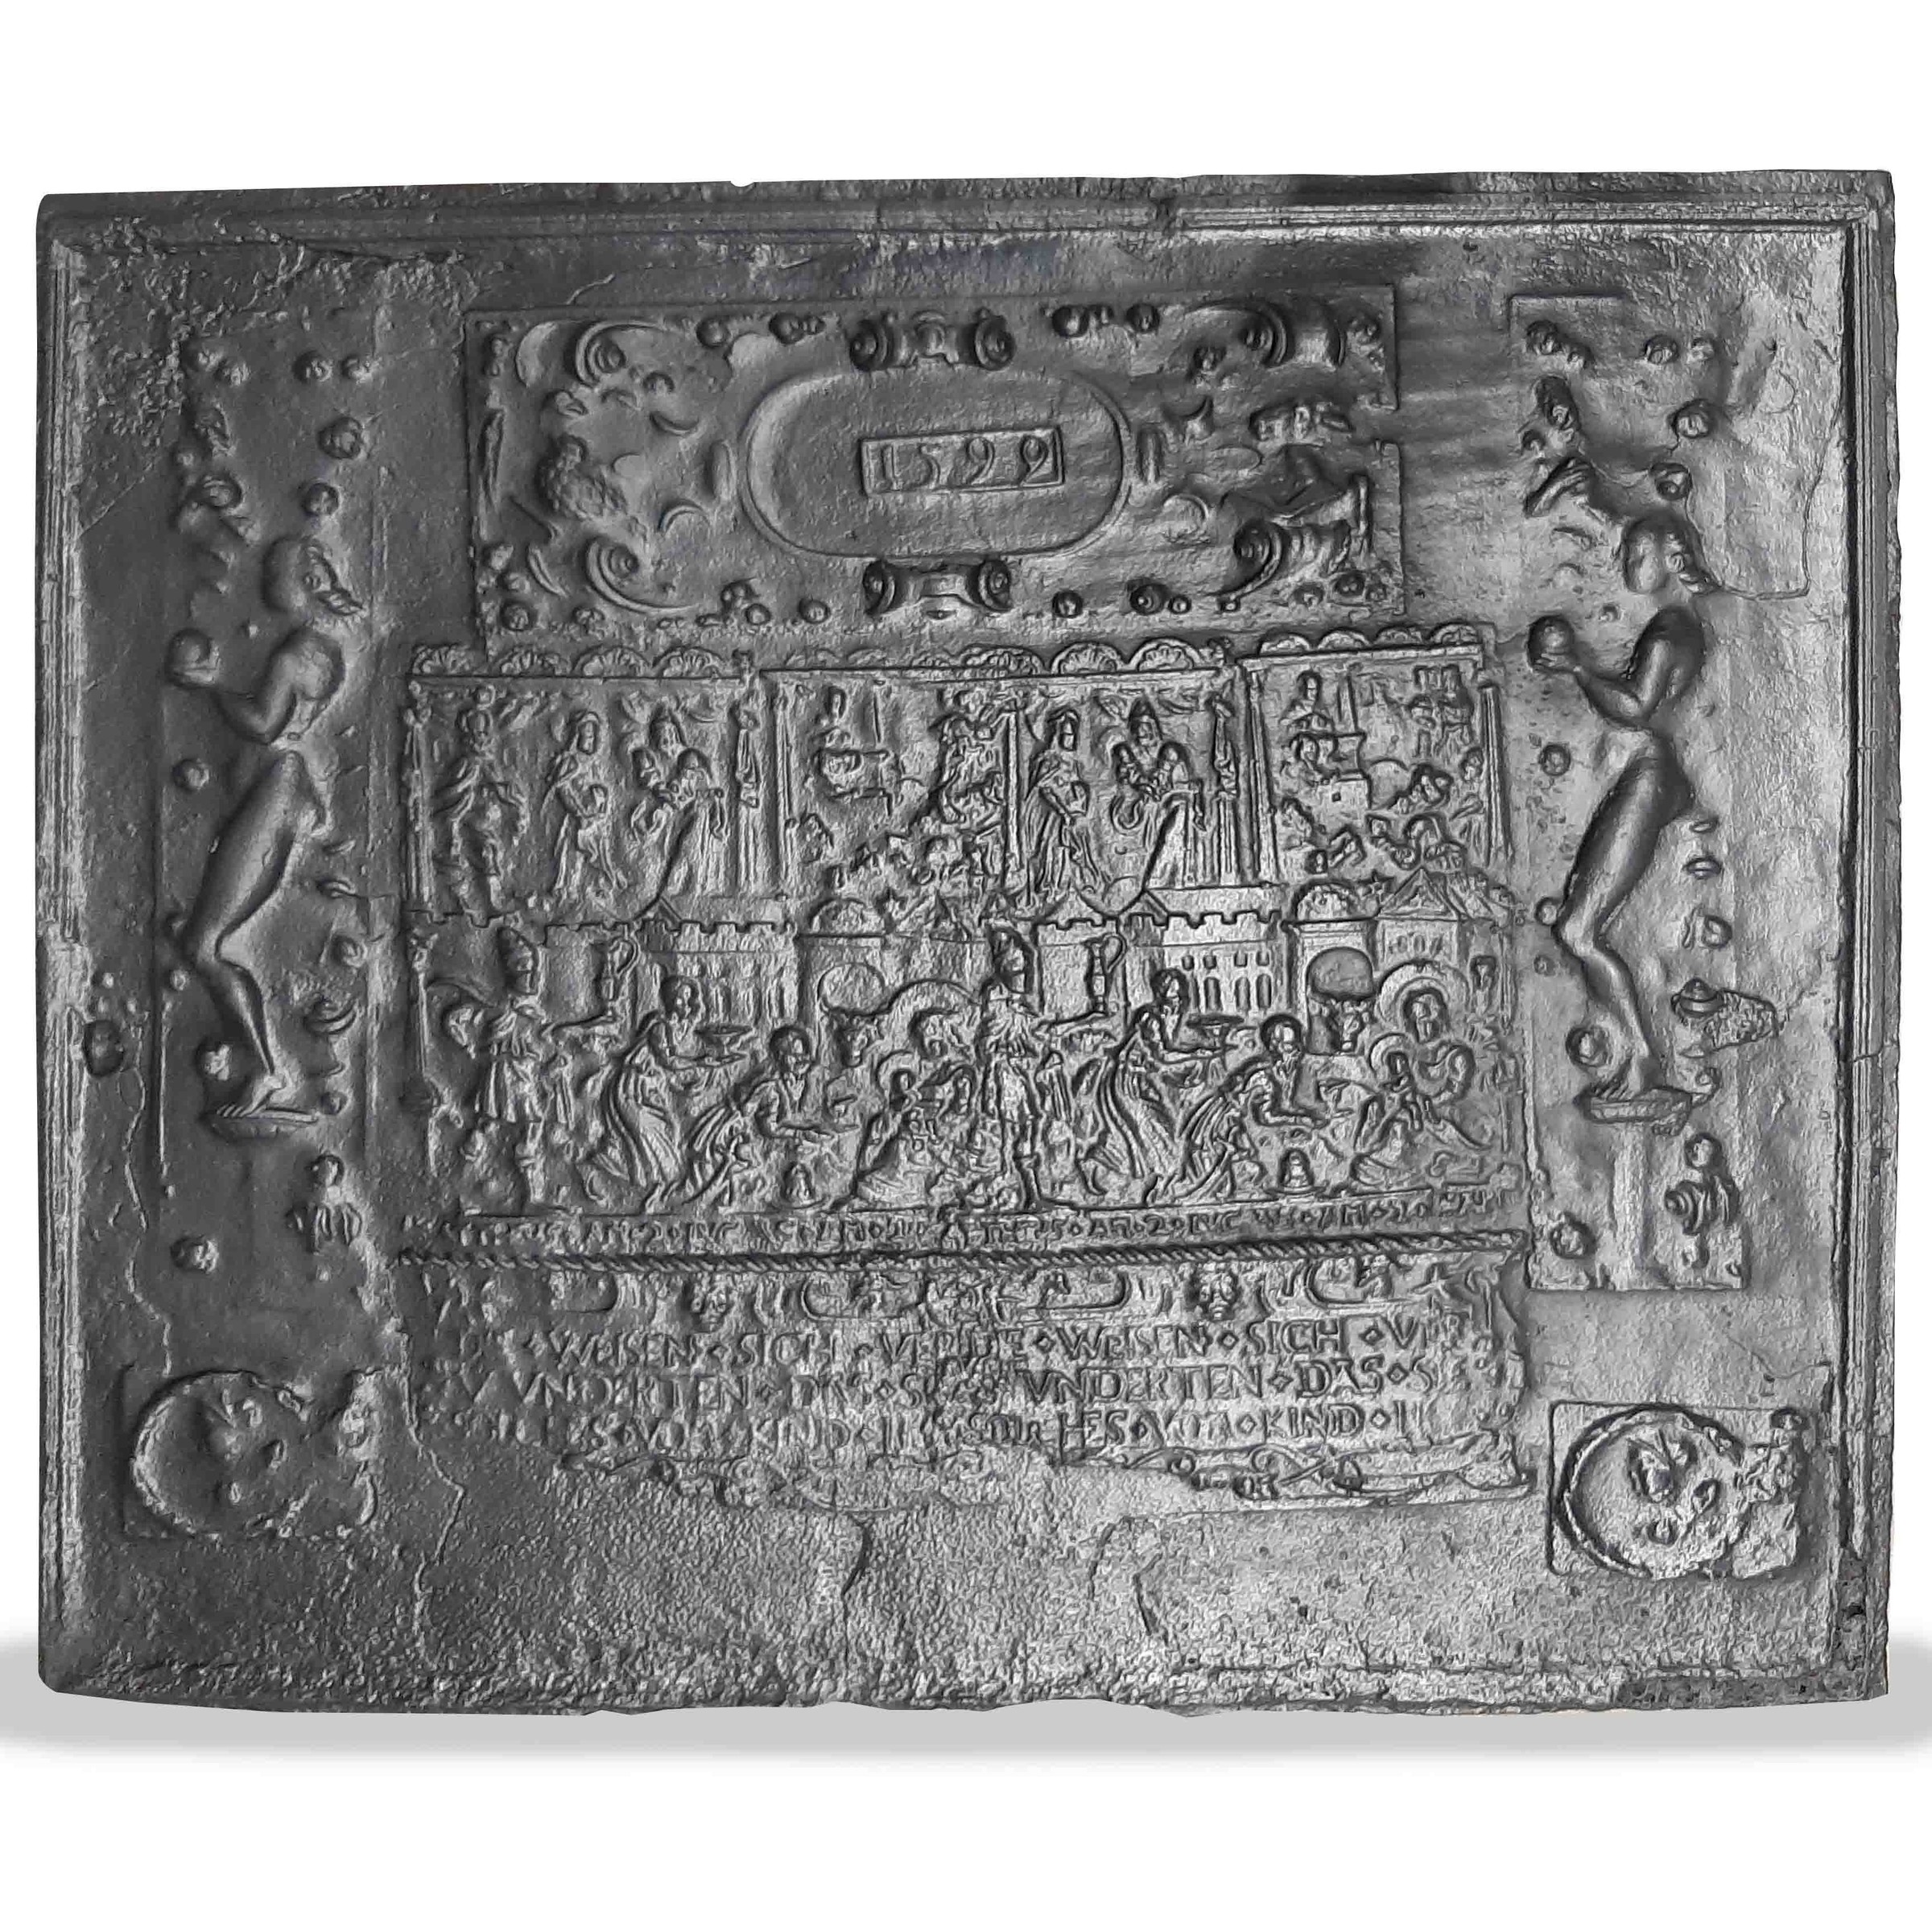 Antieke 16e eeuwse haardplaat met daarop de geboorte van Christus afgebeeld